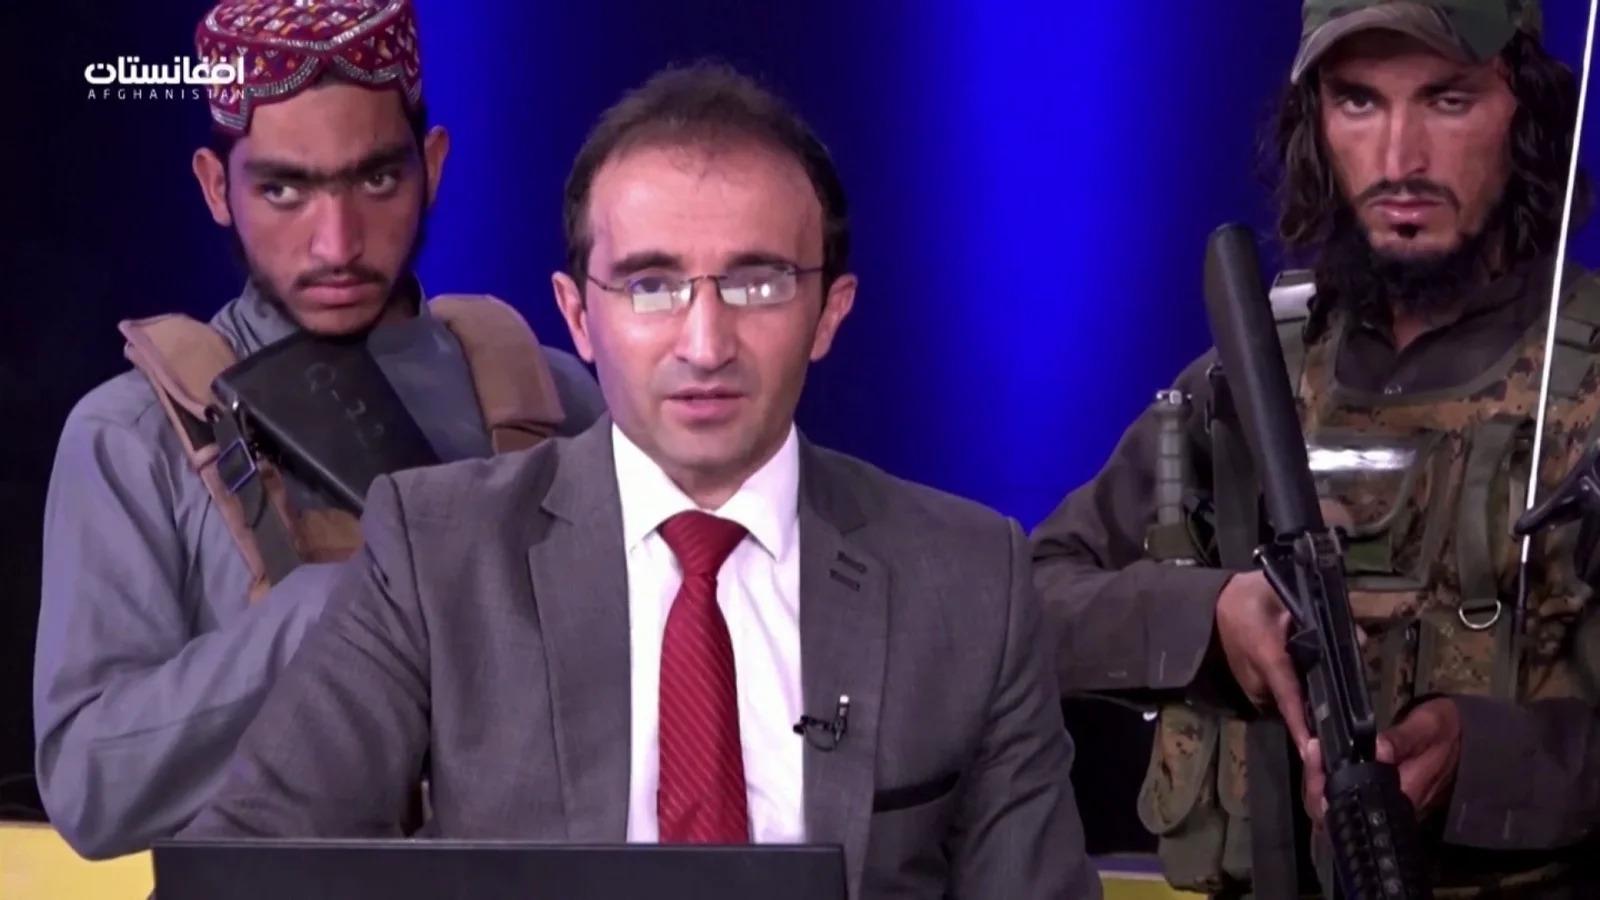 Talibans Tv